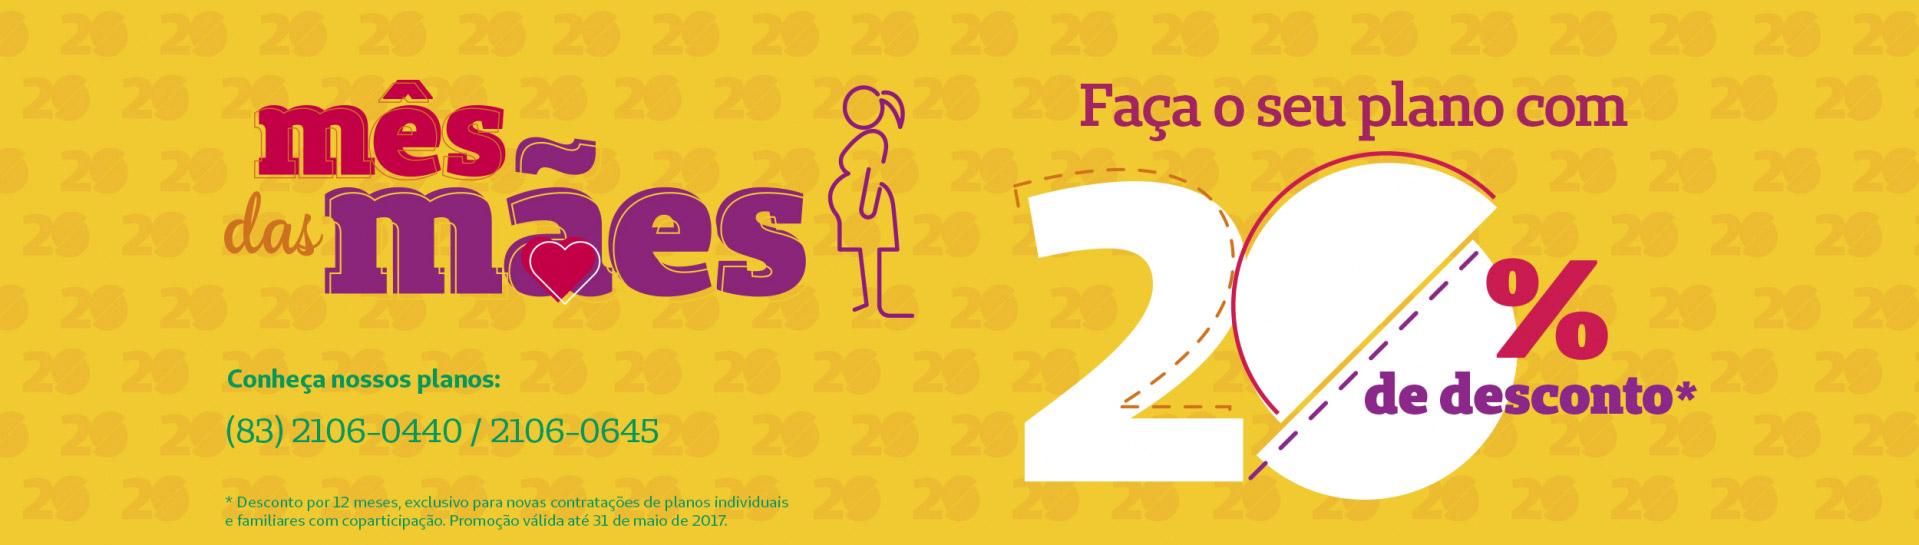 Campanha do Dia das Mães 2017